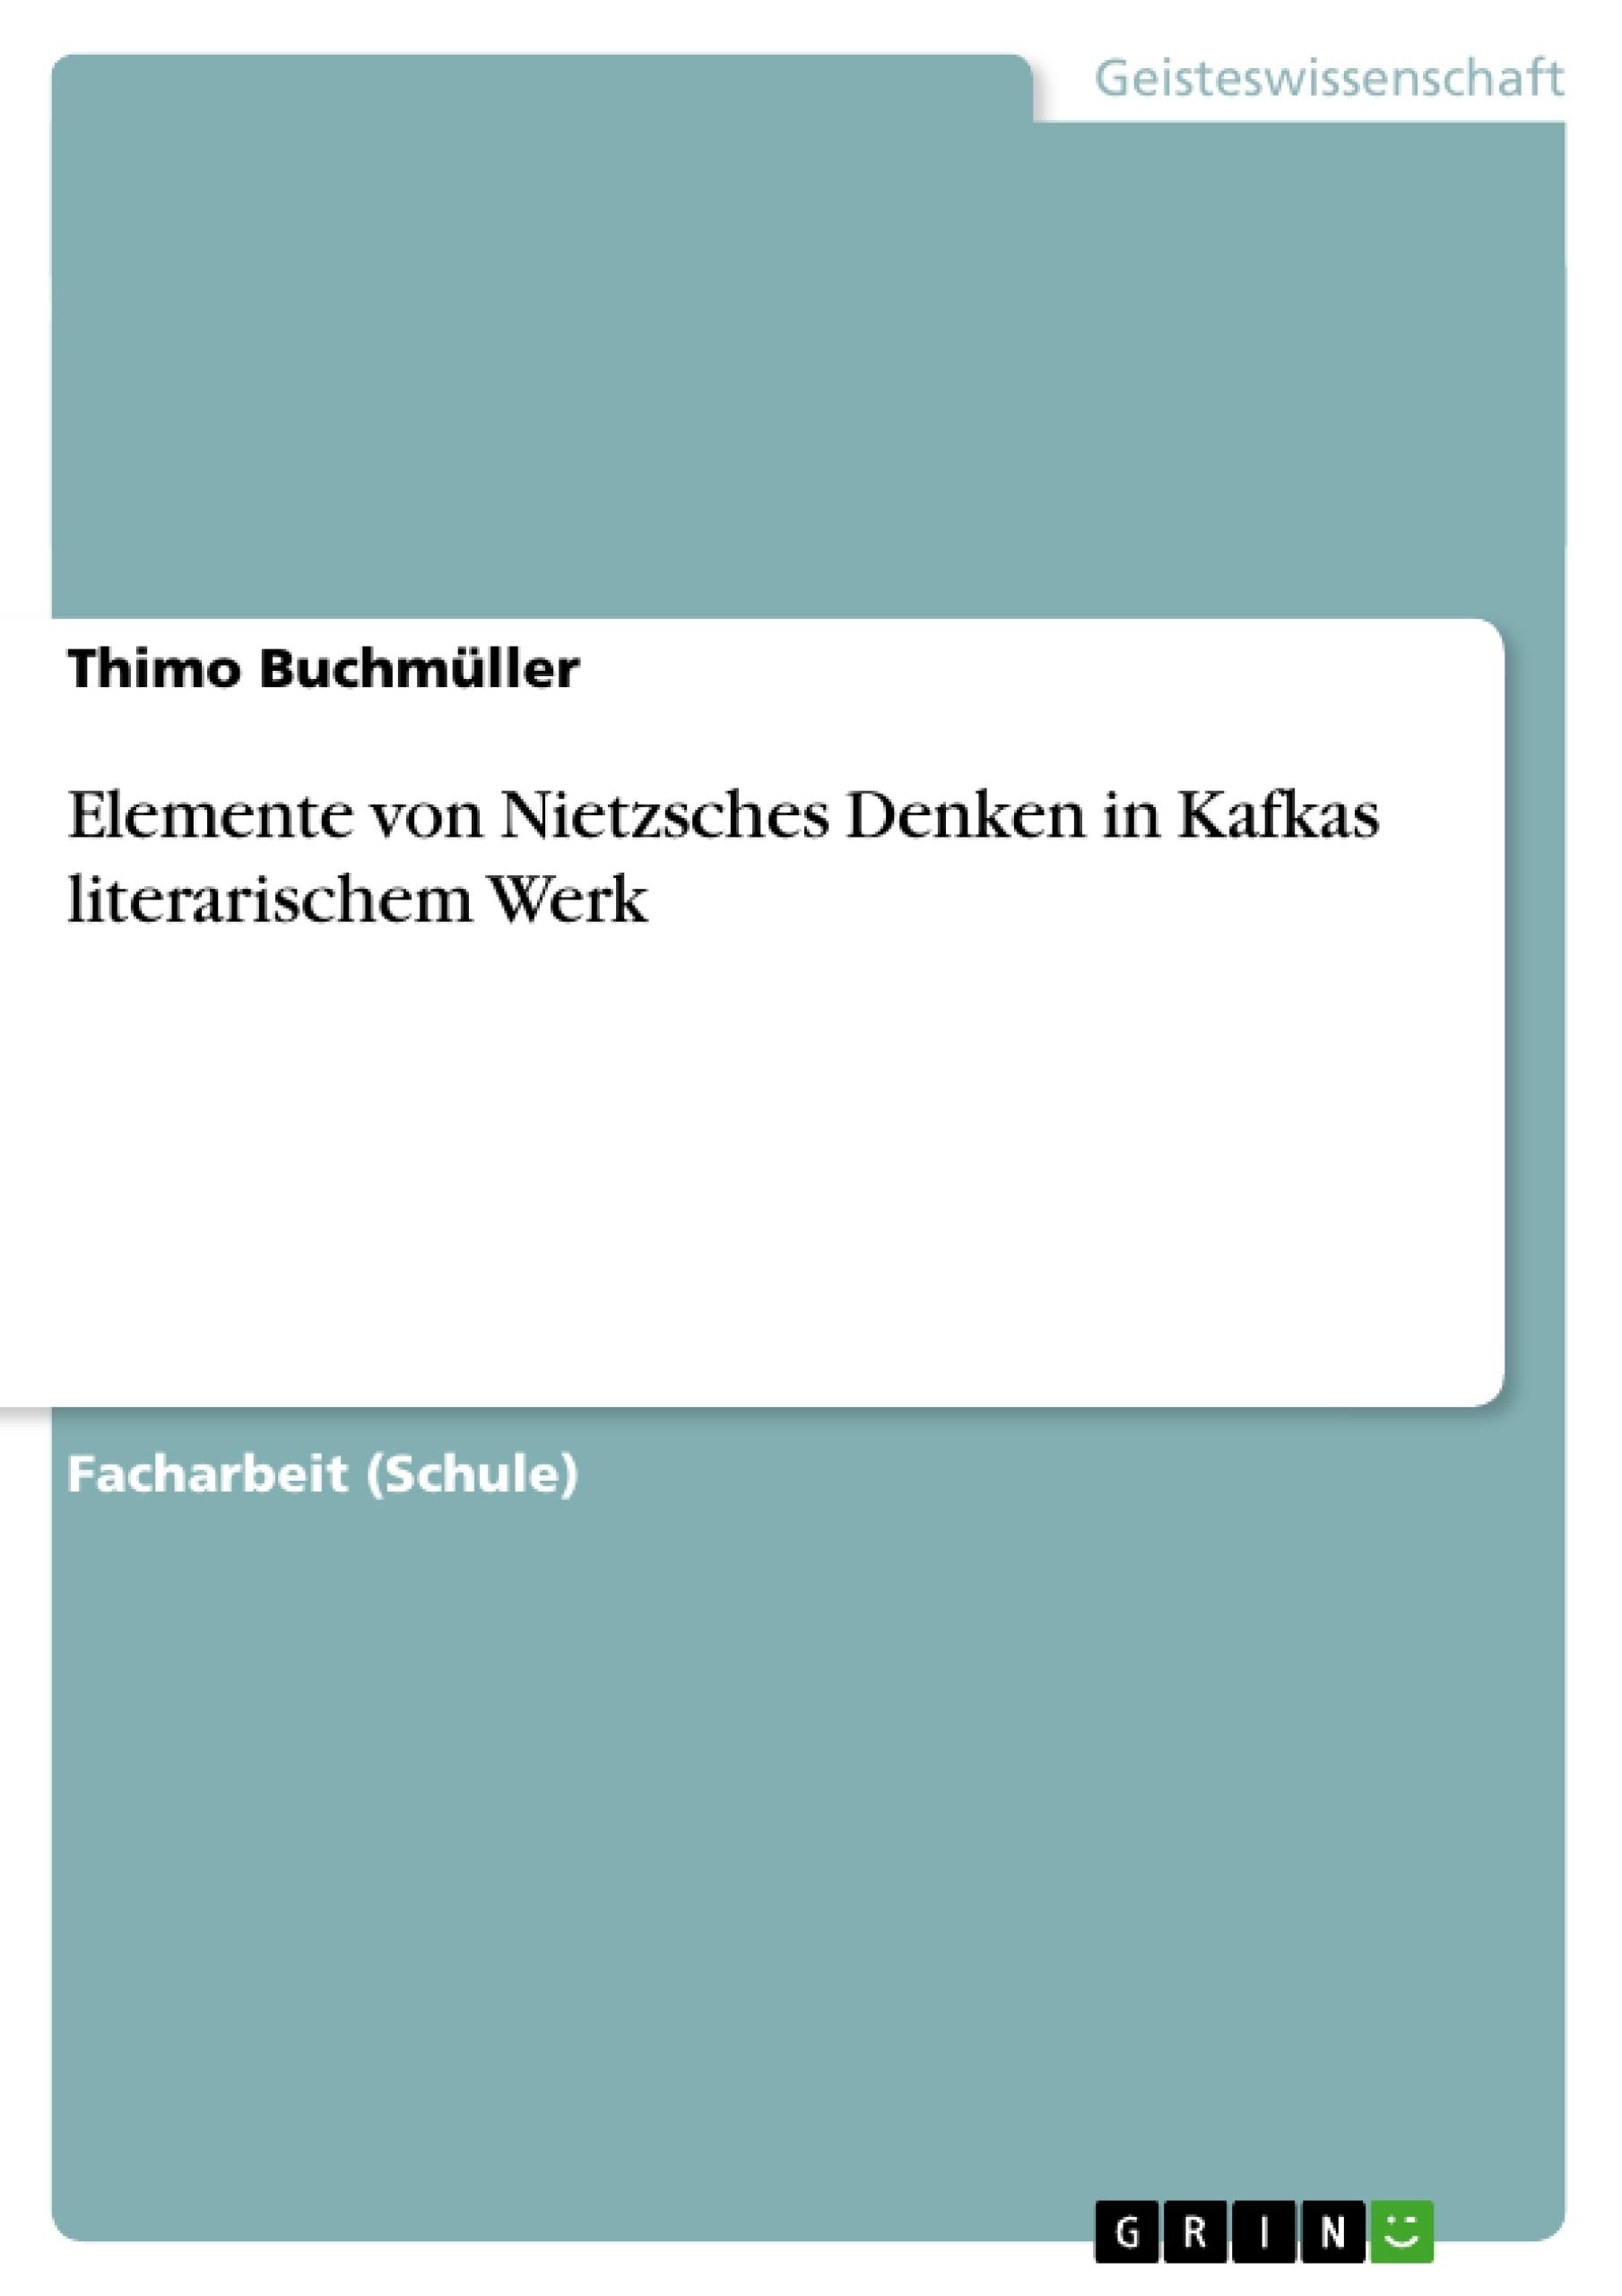 Titel: Elemente von Nietzsches Denken in Kafkas literarischem Werk